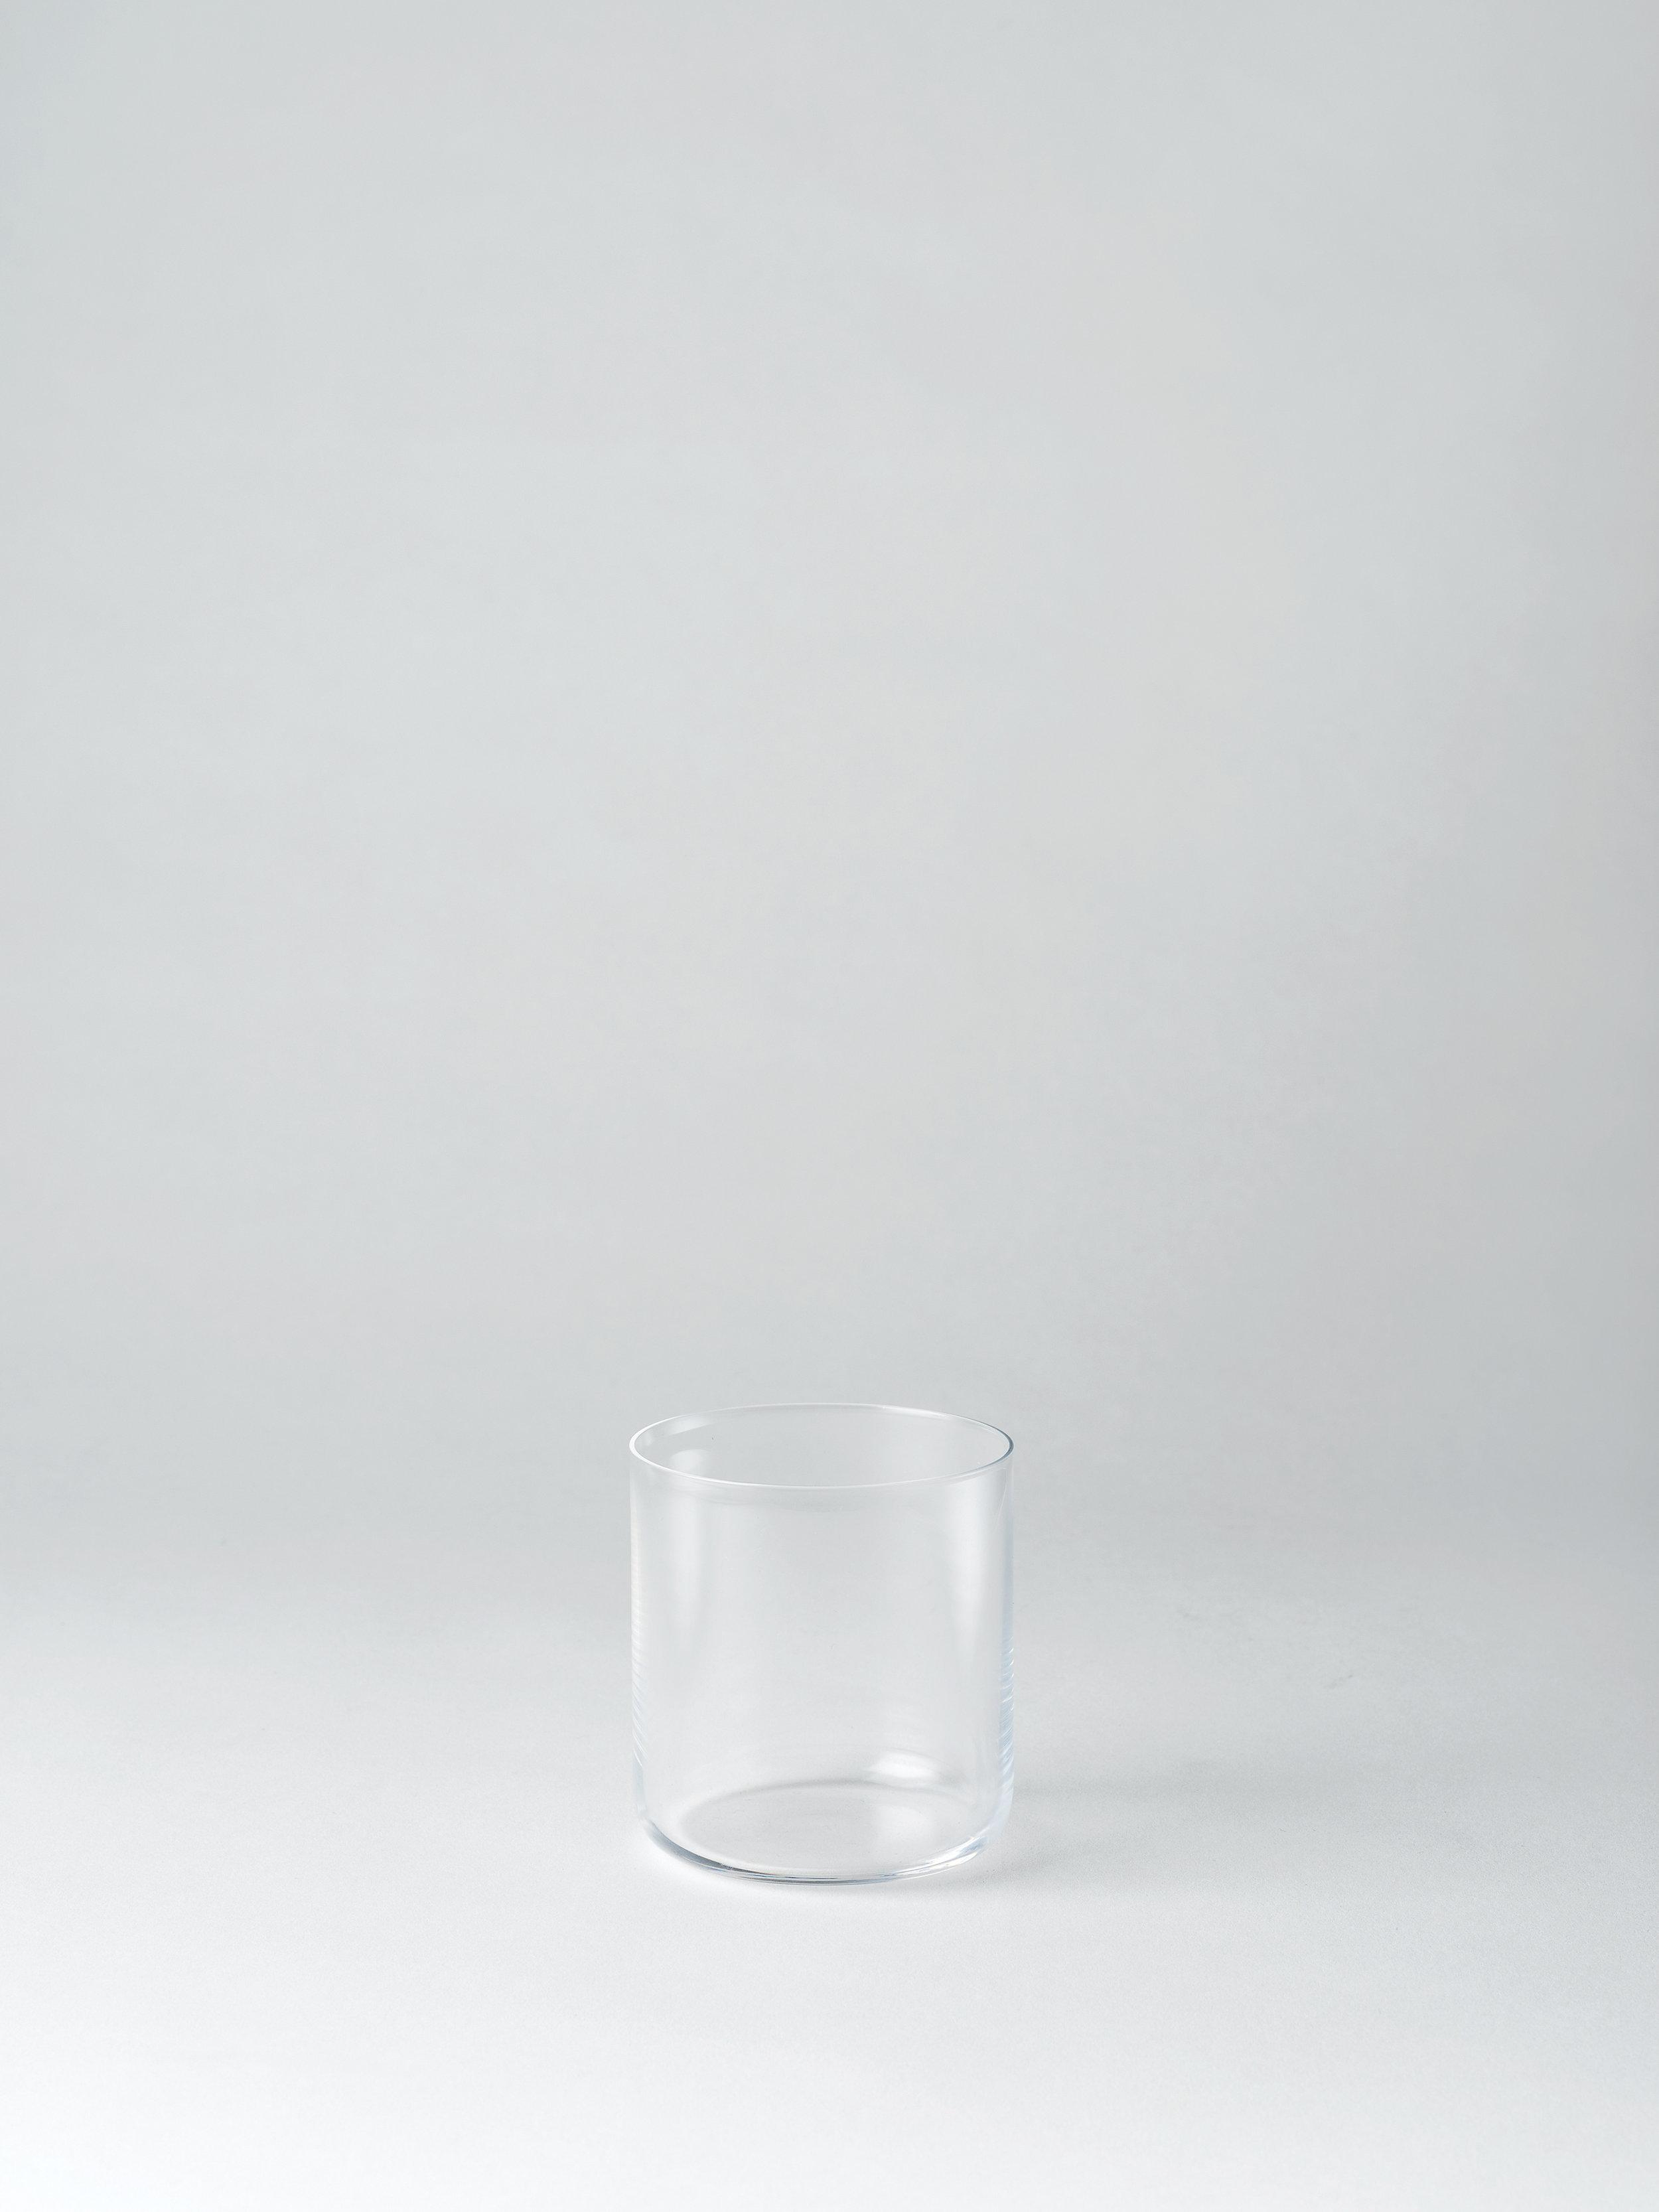 Finesse DOF Whisky Glasses S/4   $79.90